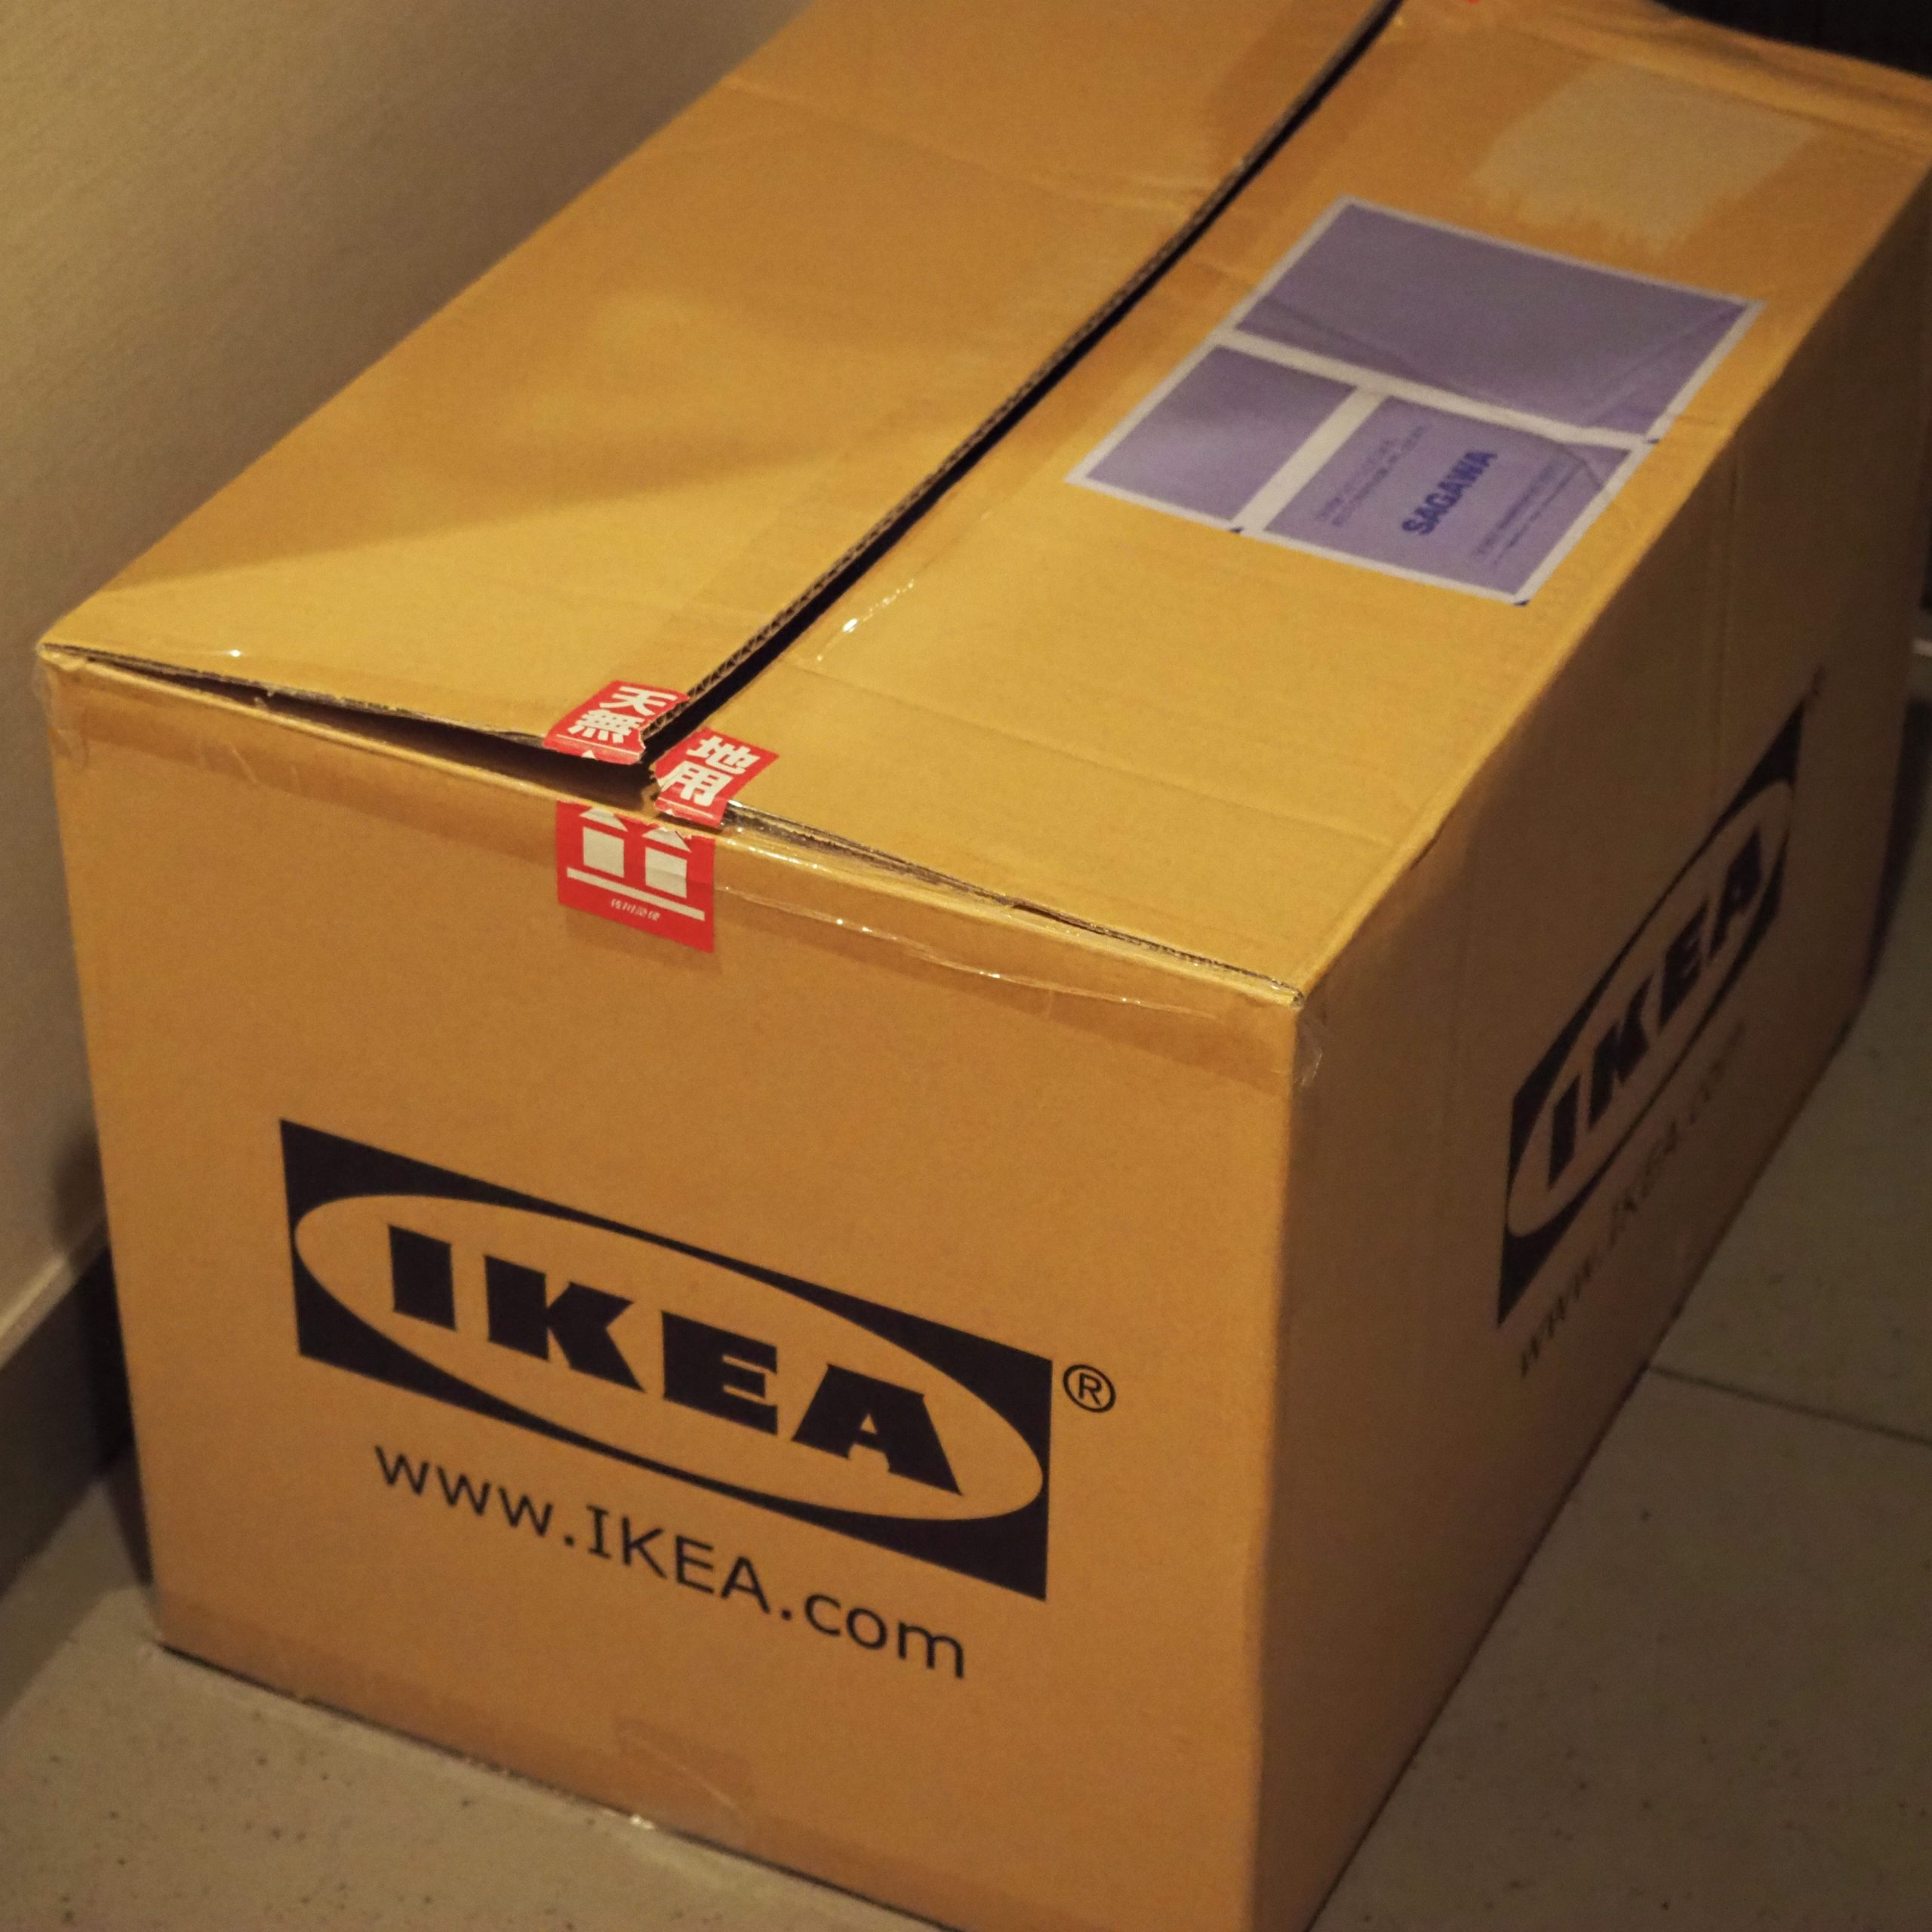 IKEAオンラインショップの段ボール